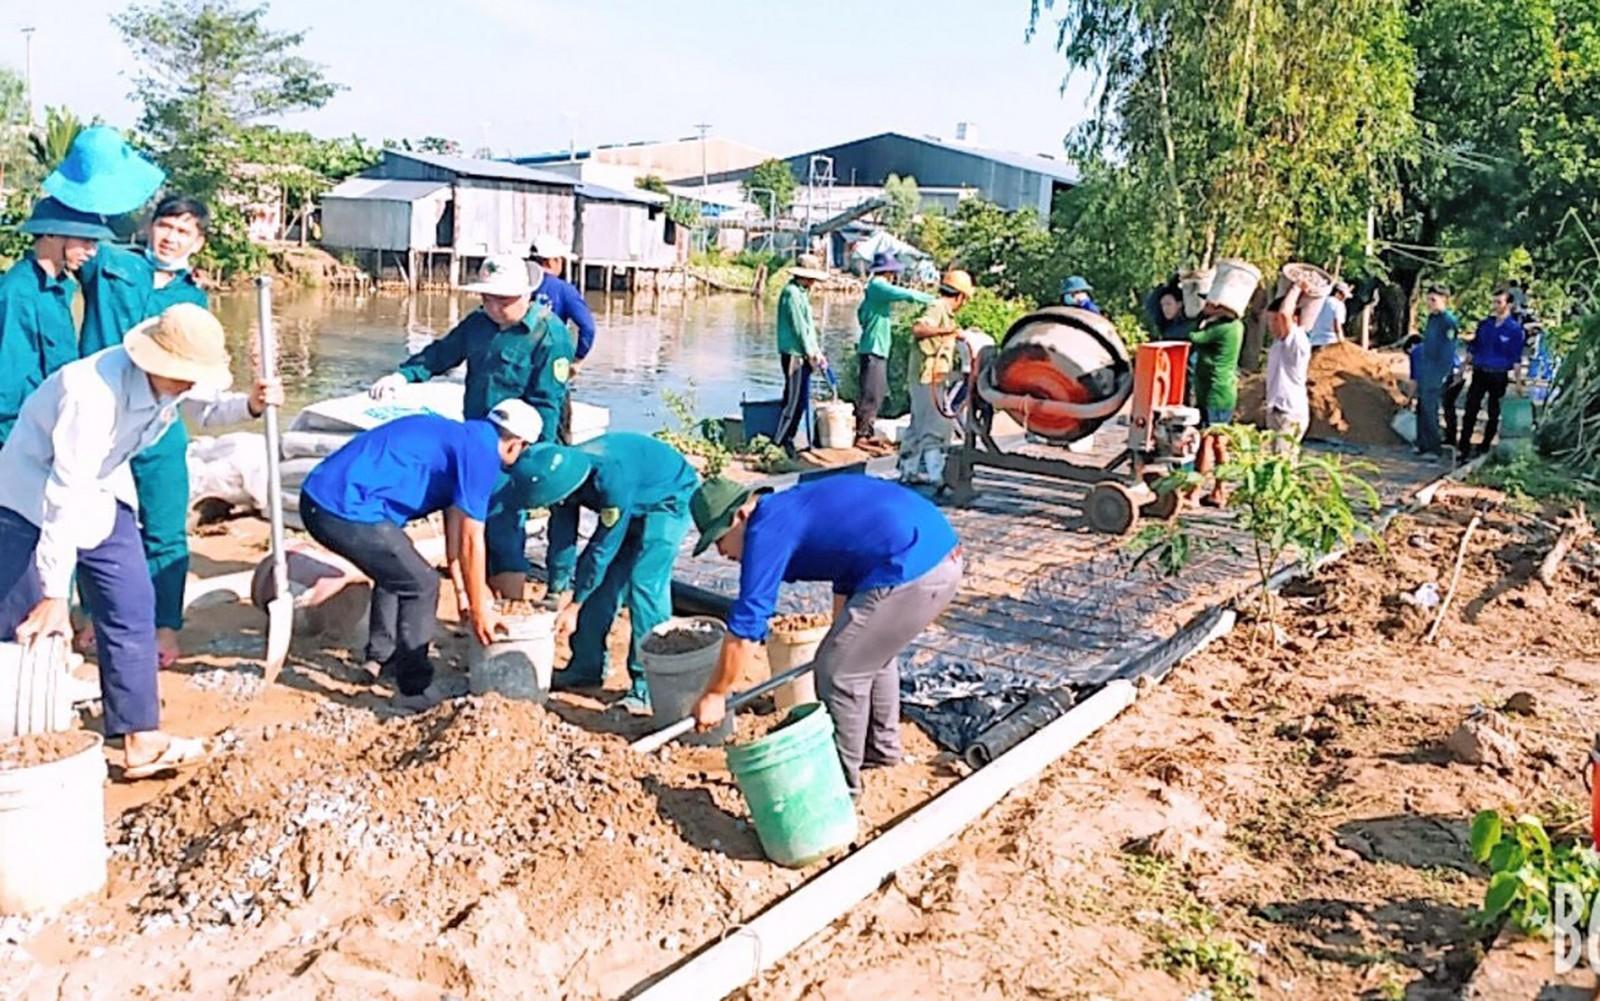 Đoàn viên thanh niên xã Vĩnh Bình tham gia xây dựng đường giao thông. Ảnh: PHẠM TRUNG